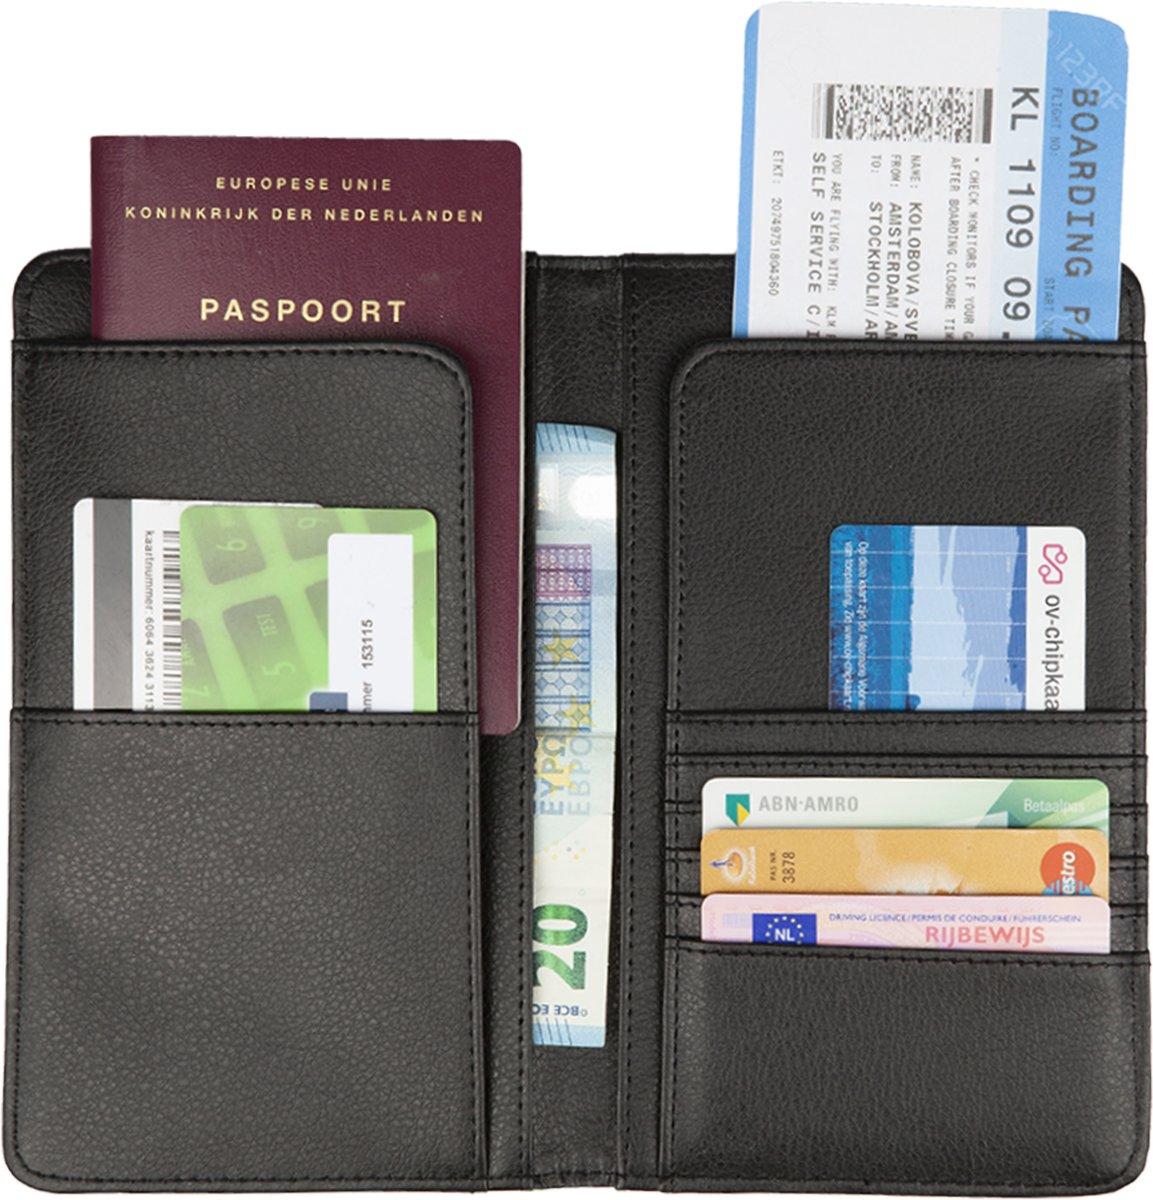 Creditcard Portemonnee Leer.Top Honderd Travelsky Luxe Reis Portemonnee Leer Creditcard